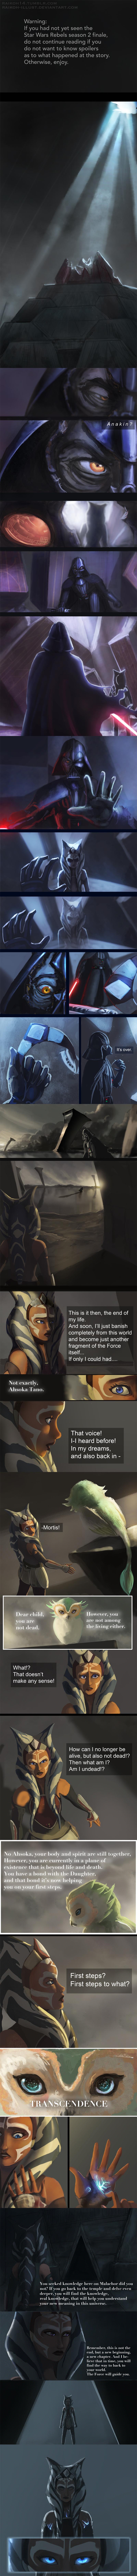 Fulcrum's Fate